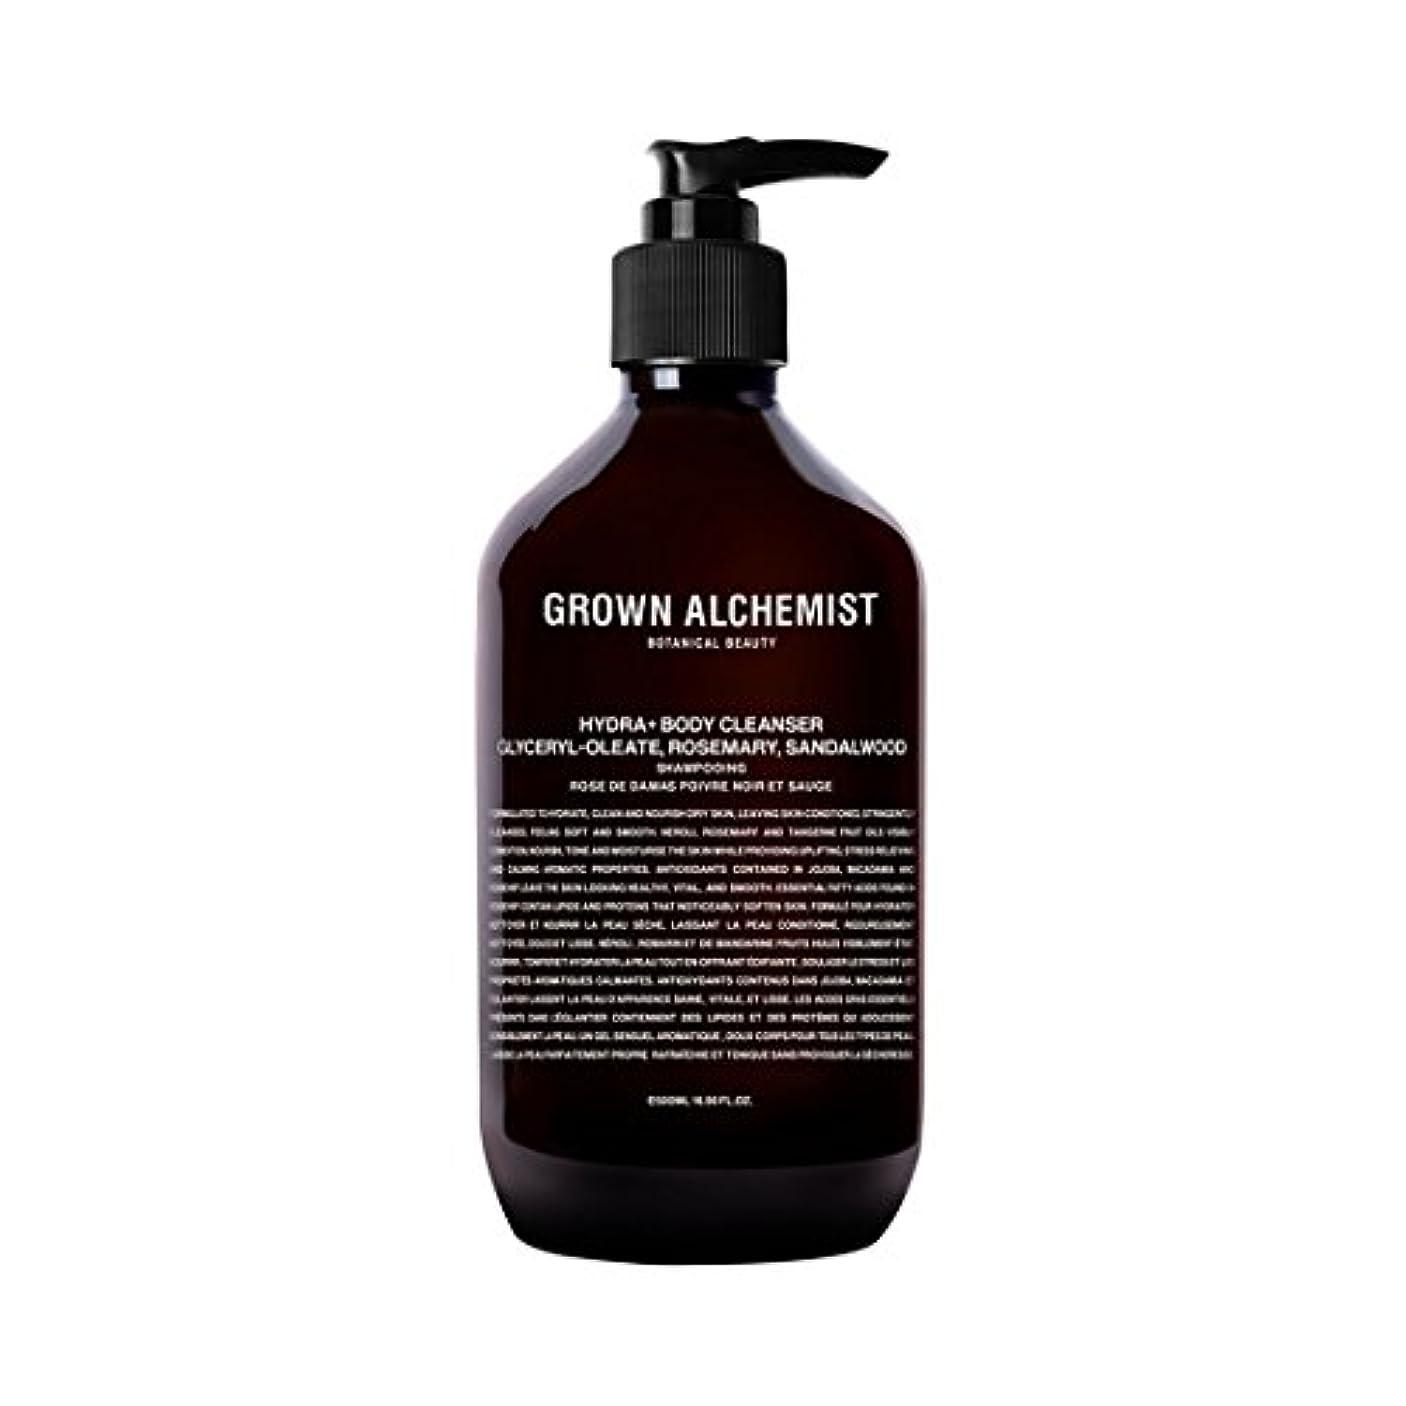 活気づける嘆願トンネルGrown Alchemist Hydra+ Body Cleanser - Emerald Cypress Co2 Extract, Rosemary & Sandalwood 500ml/16.9oz並行輸入品